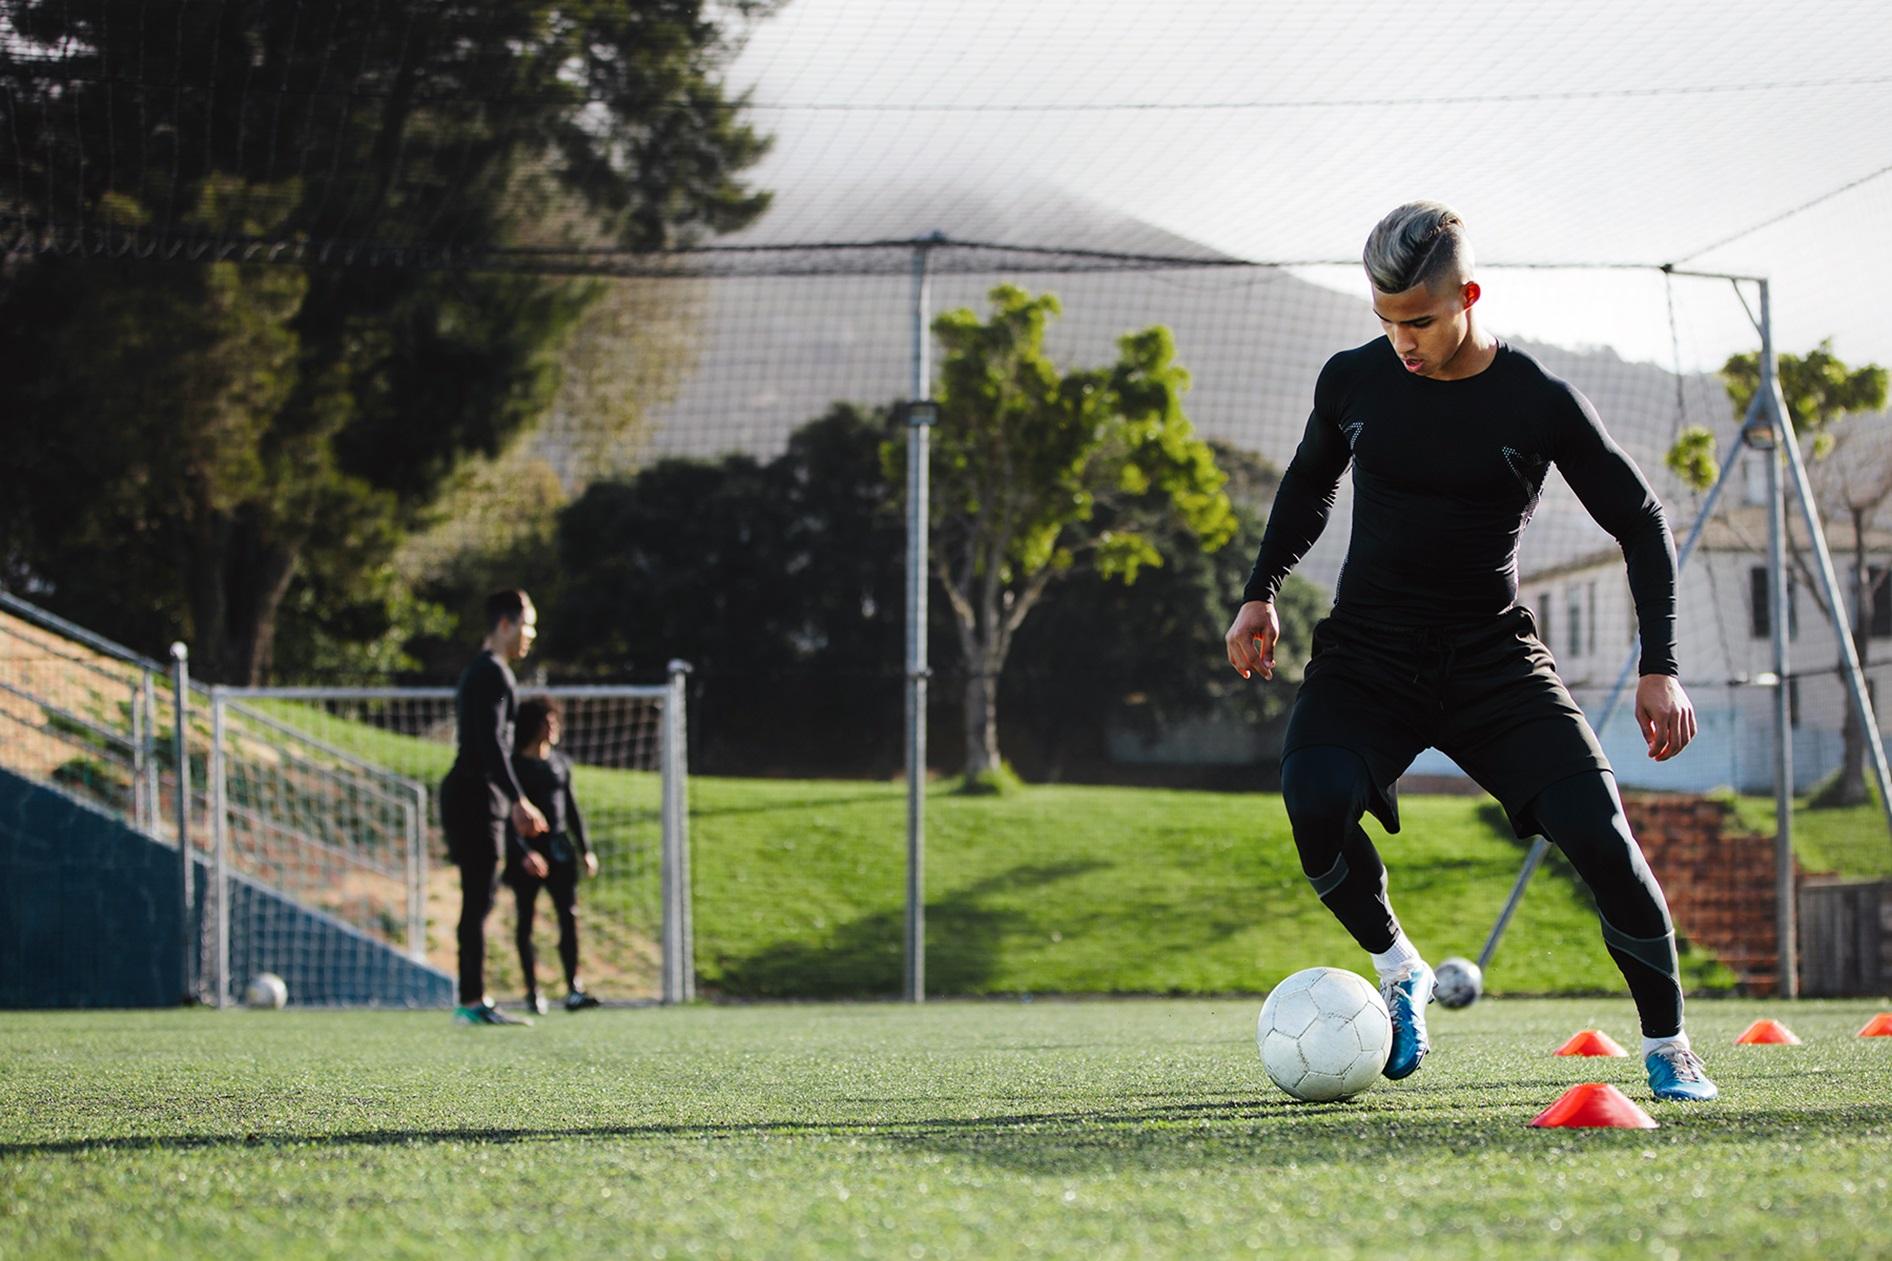 Quipe für Fußball